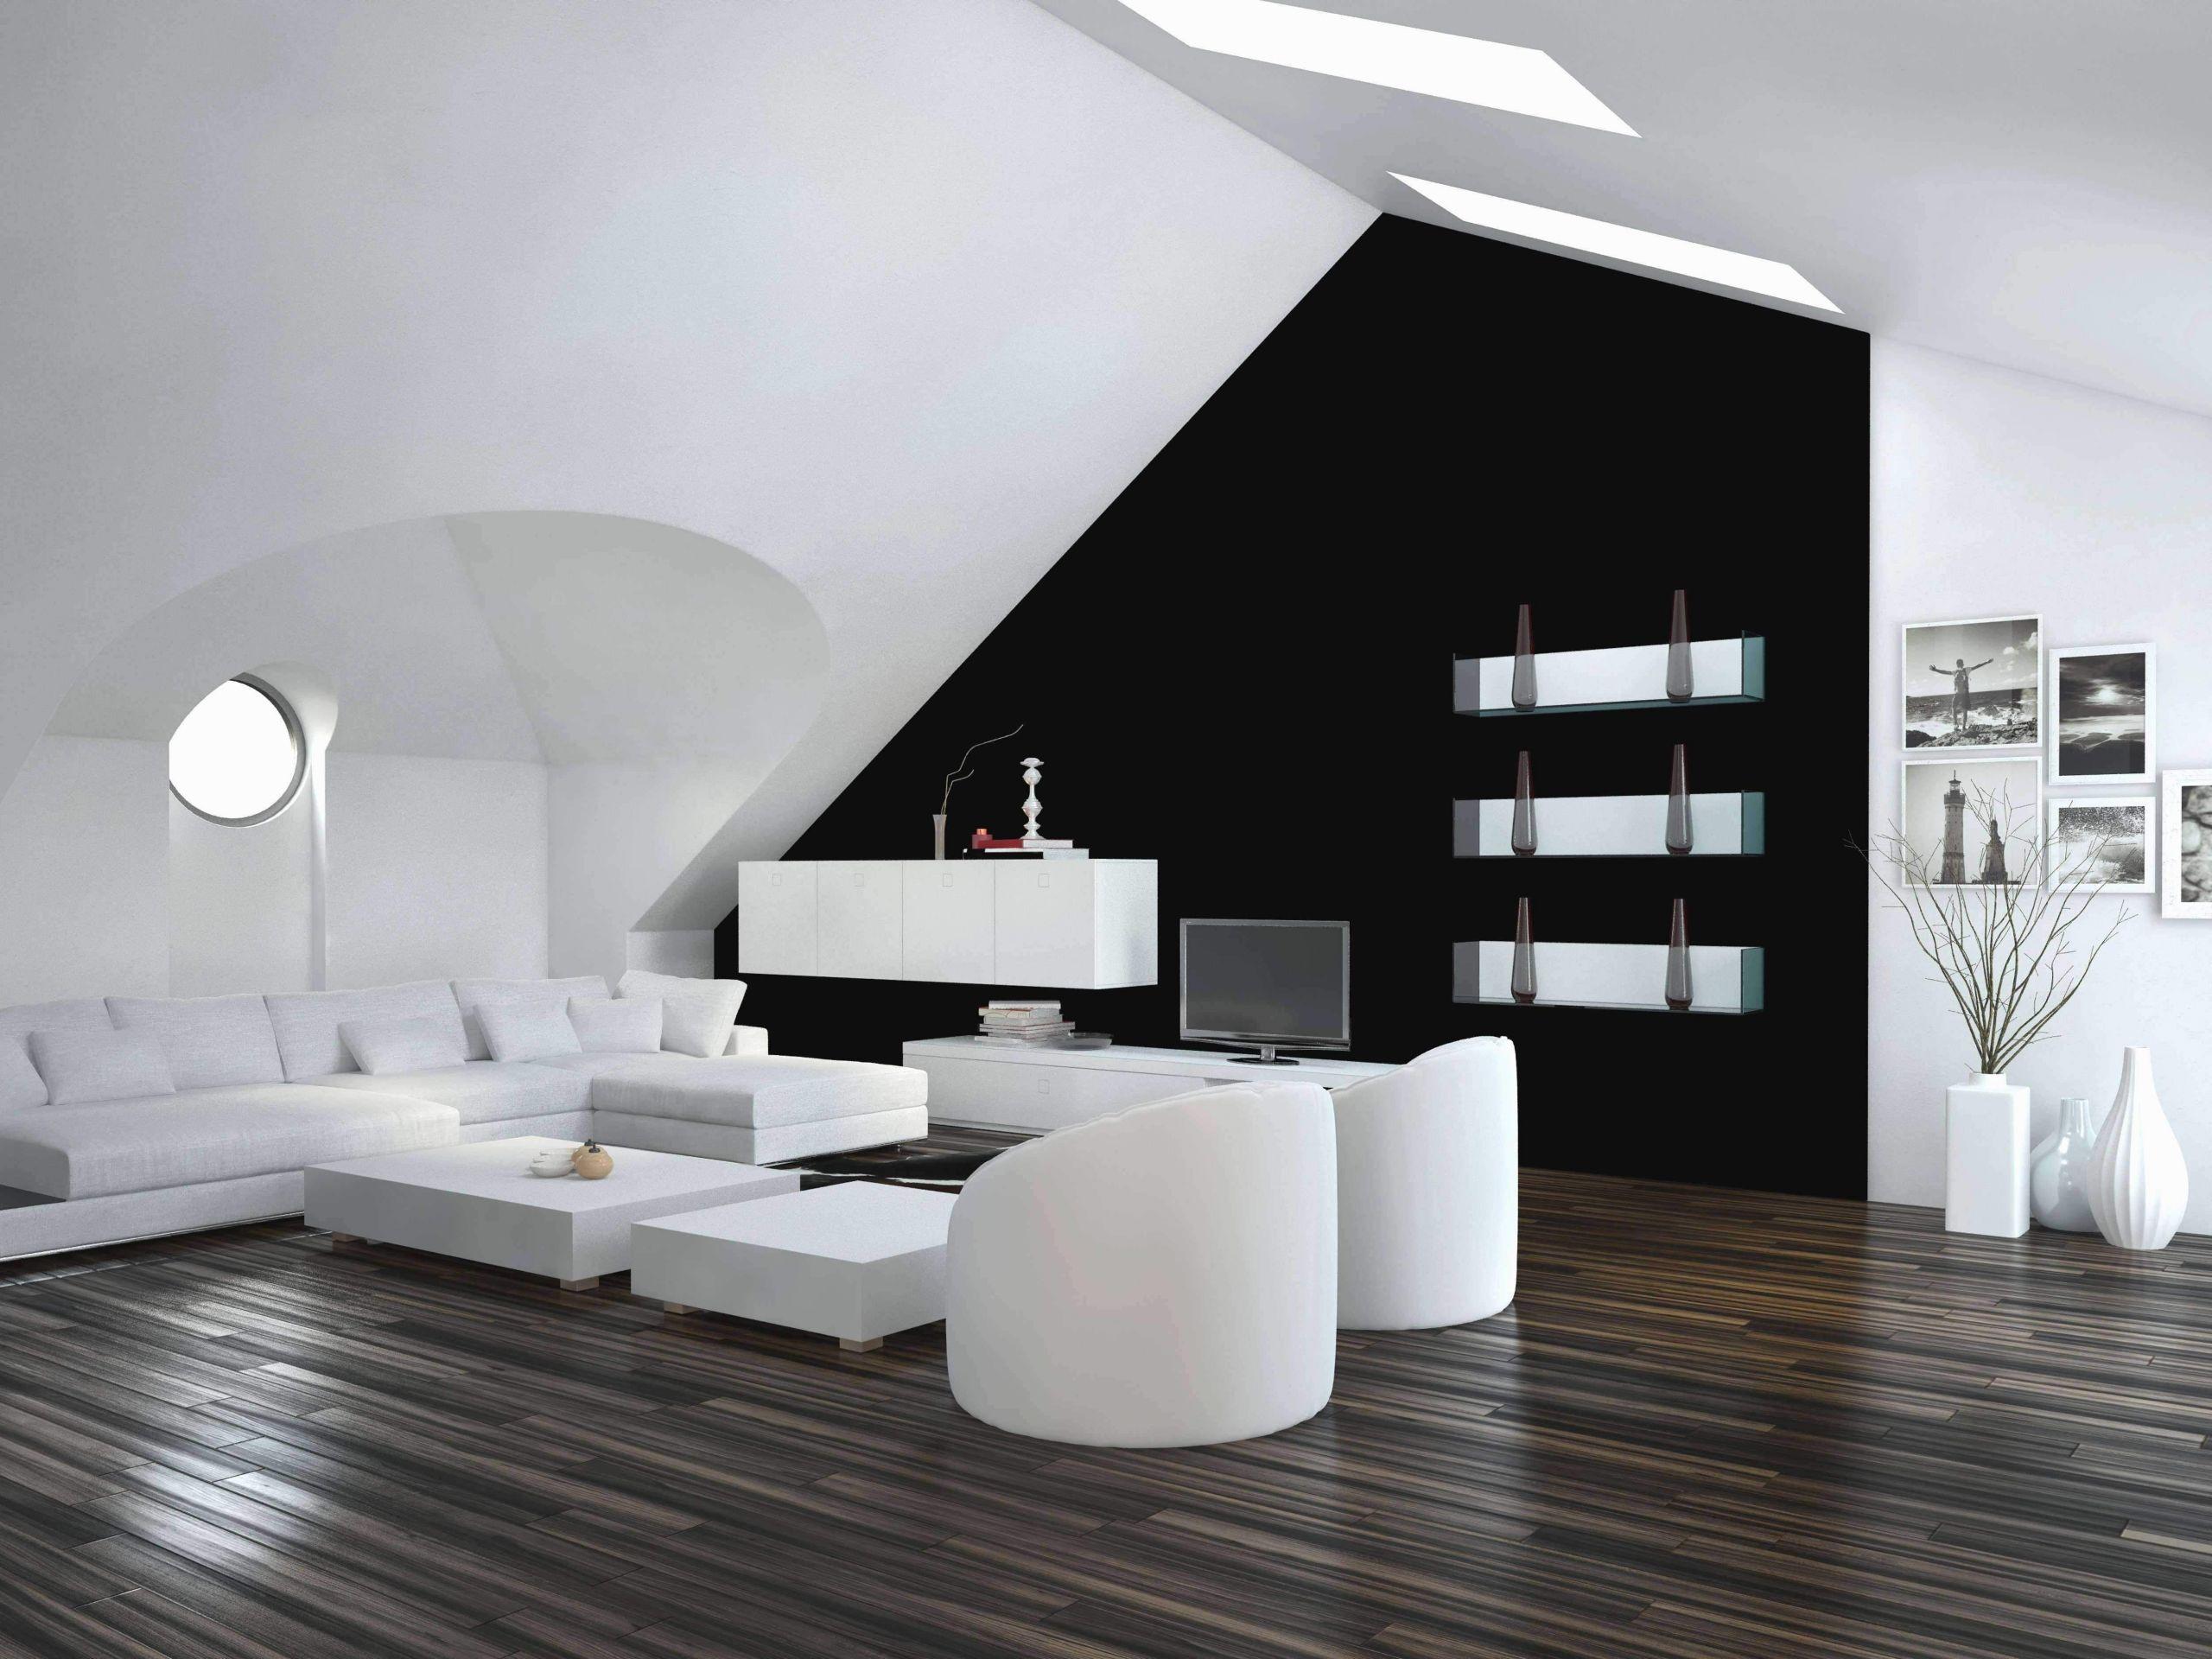 Deko Ideen Best Of Dekoration Wohnzimmer Das Beste Von Wohnzimmer Deko Ideen